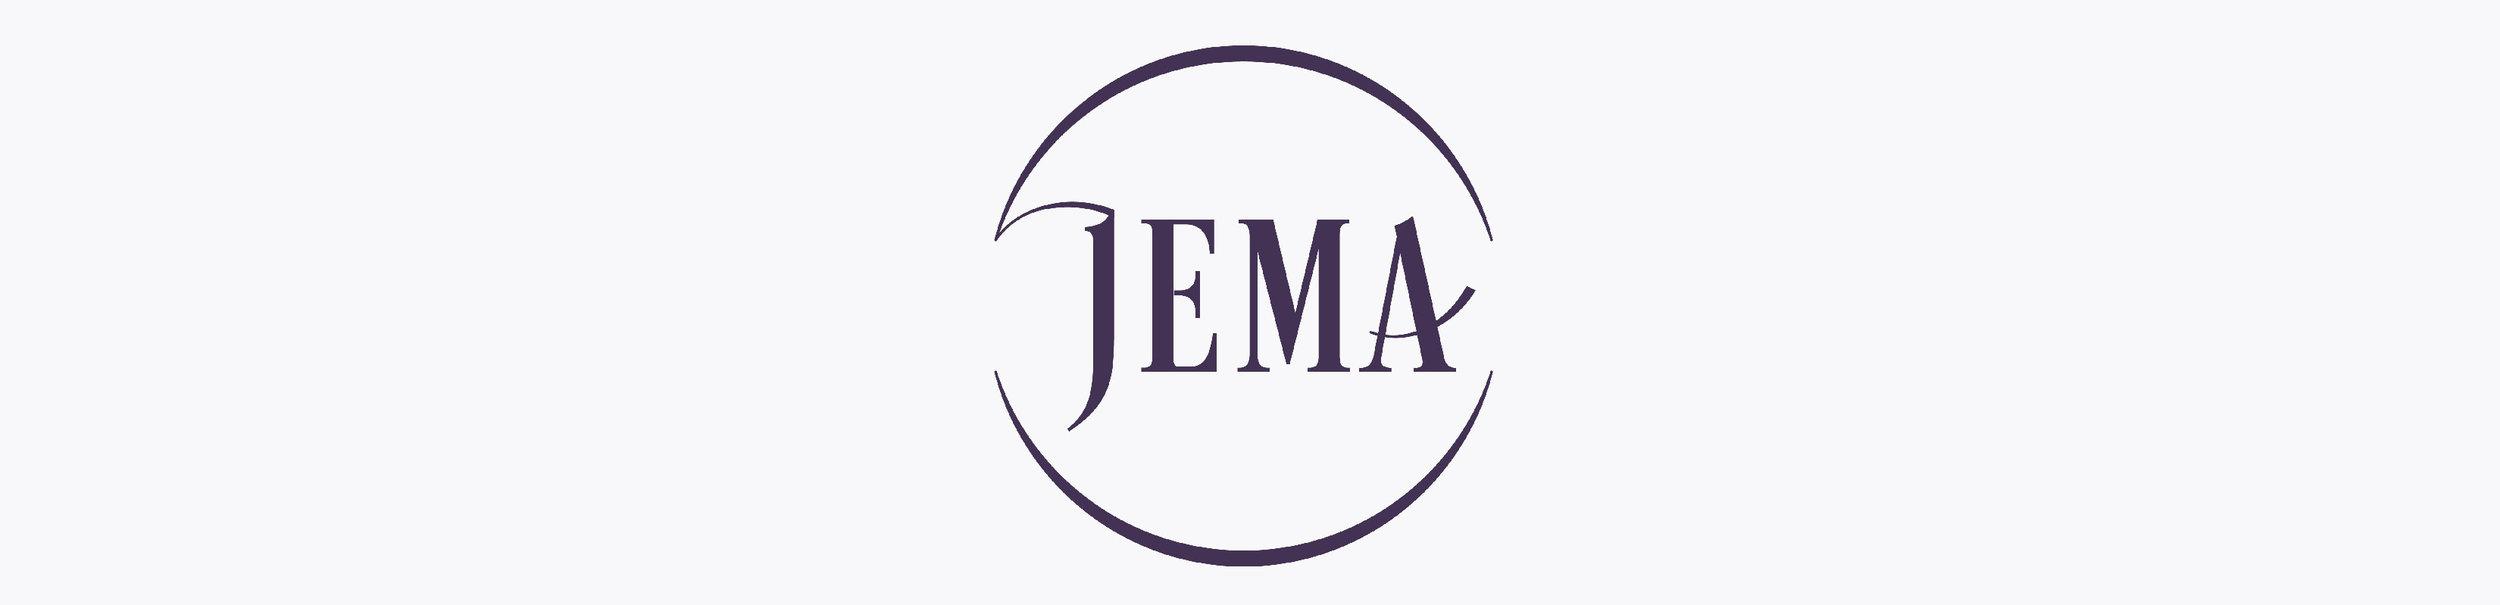 Naming Jema.jpg